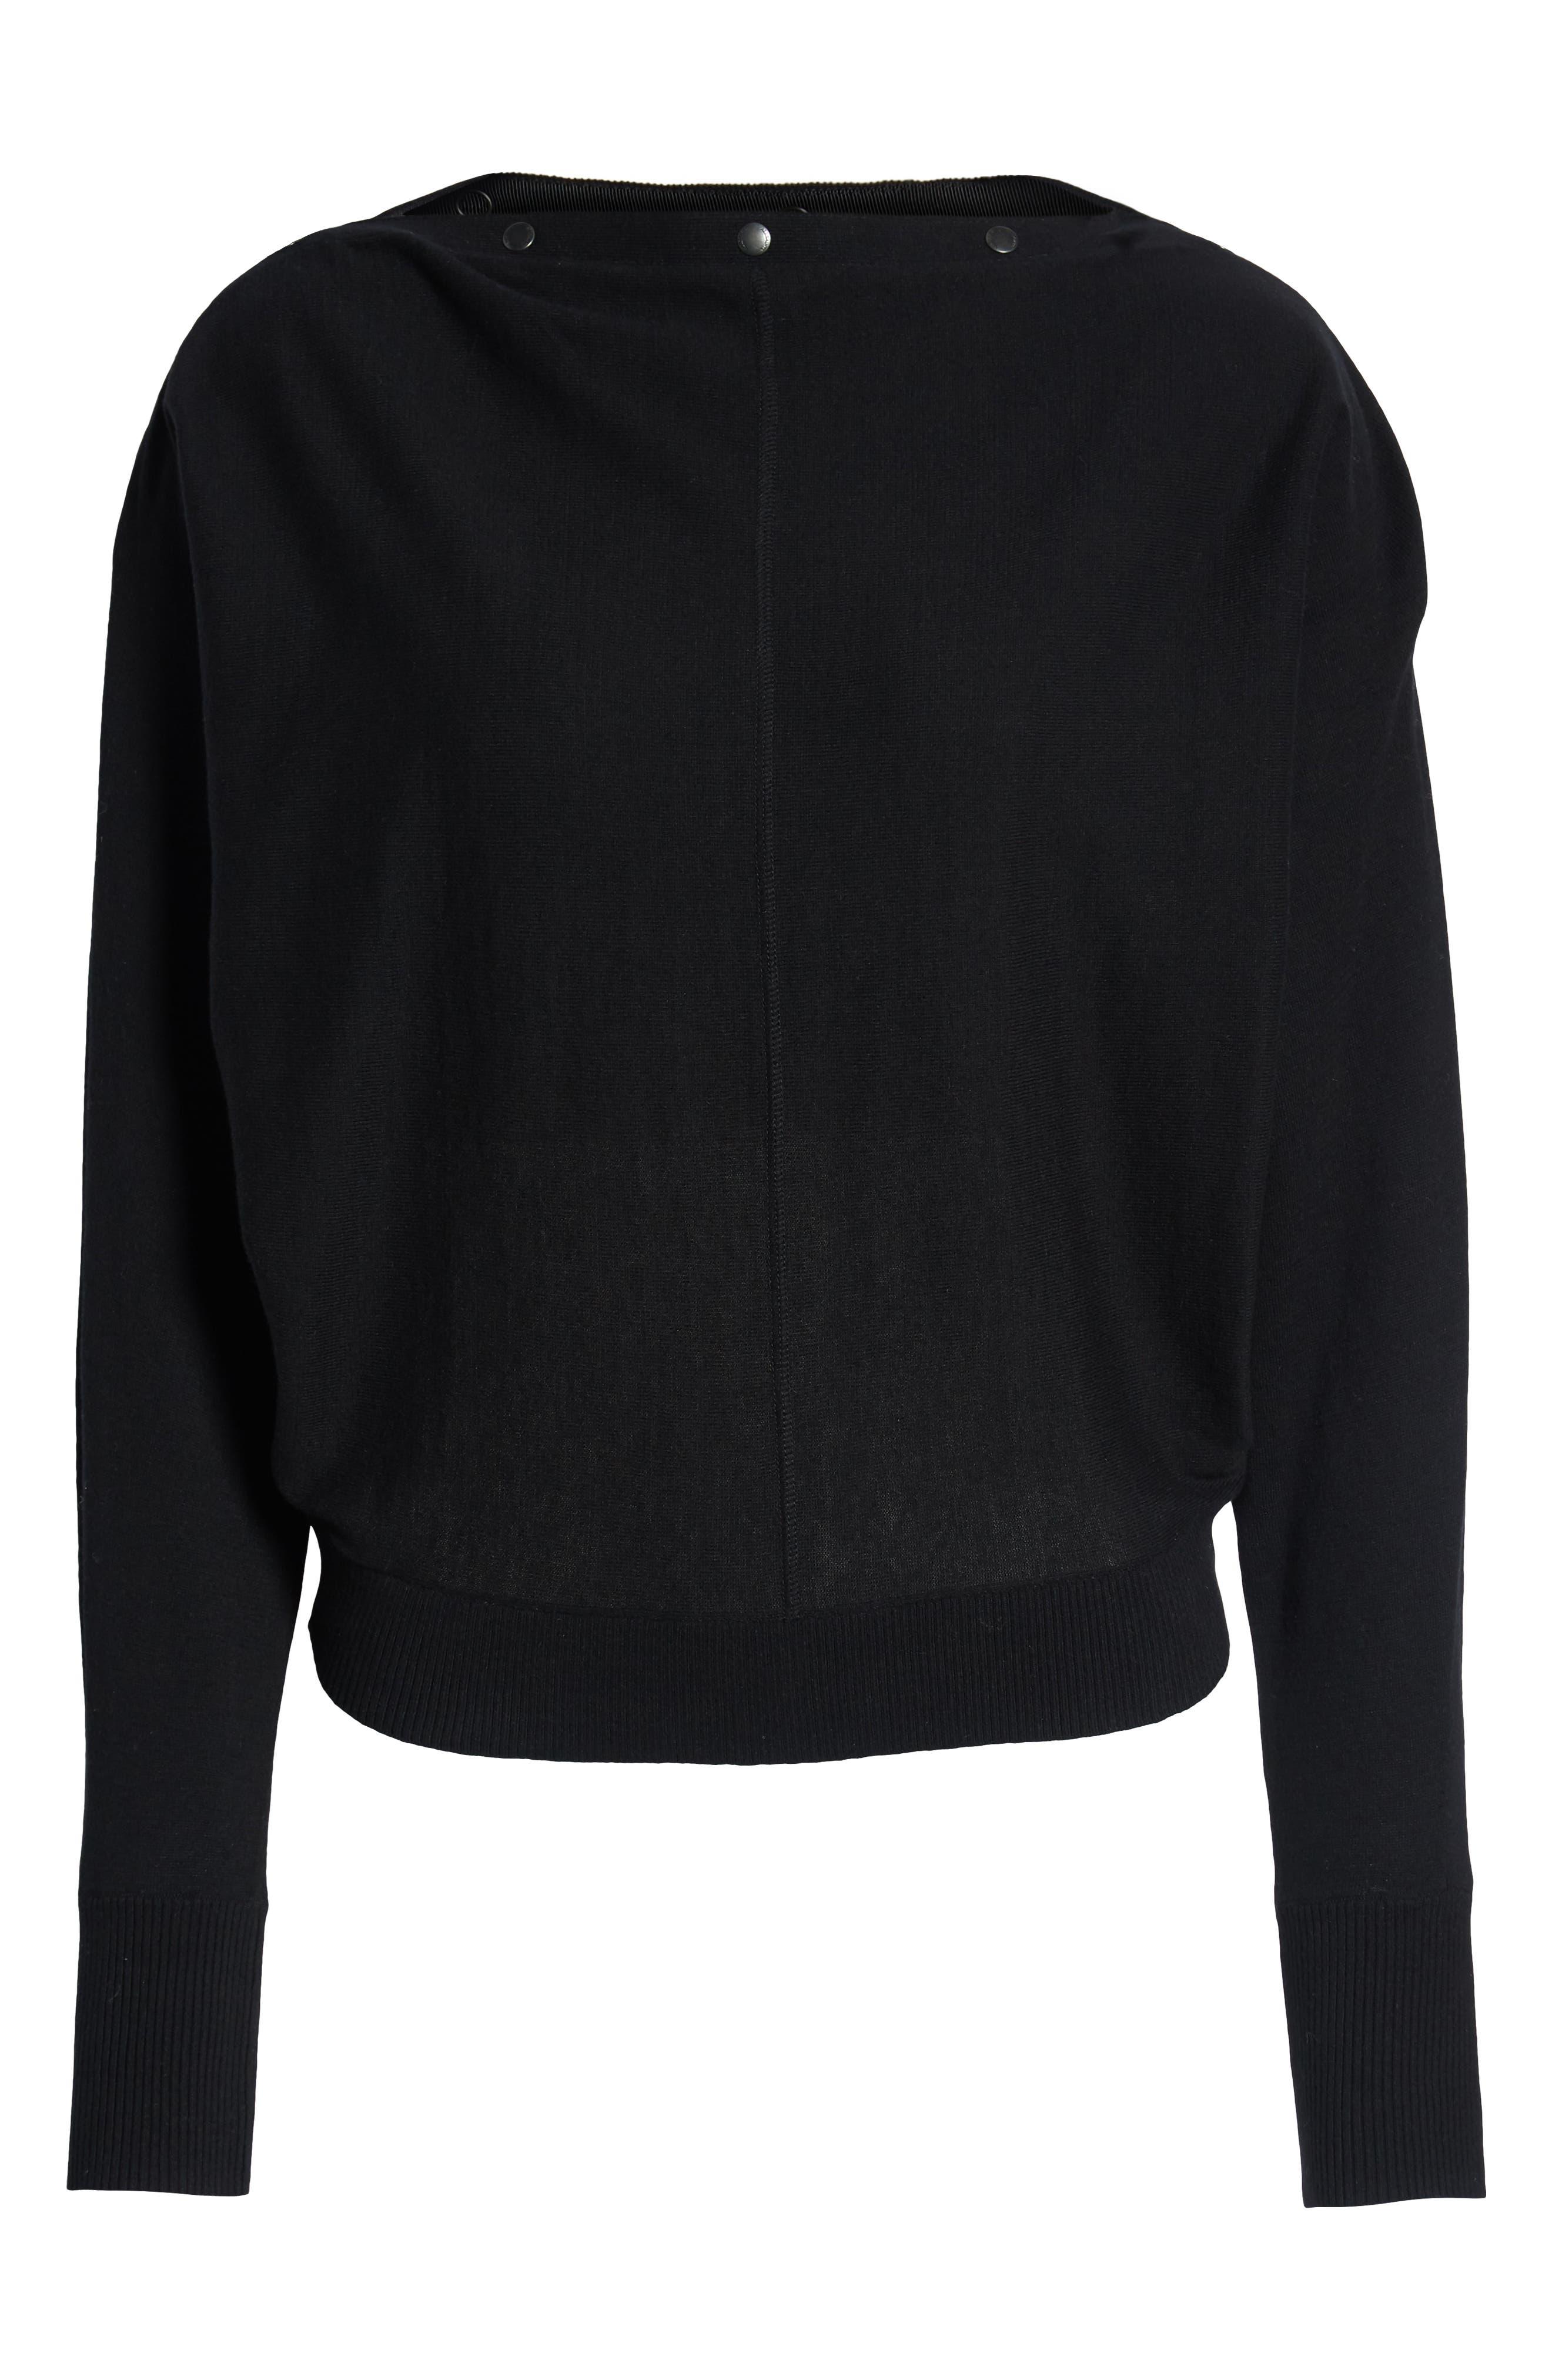 ALLSAINTS,                             Elle Sweater,                             Alternate thumbnail 4, color,                             BLACK